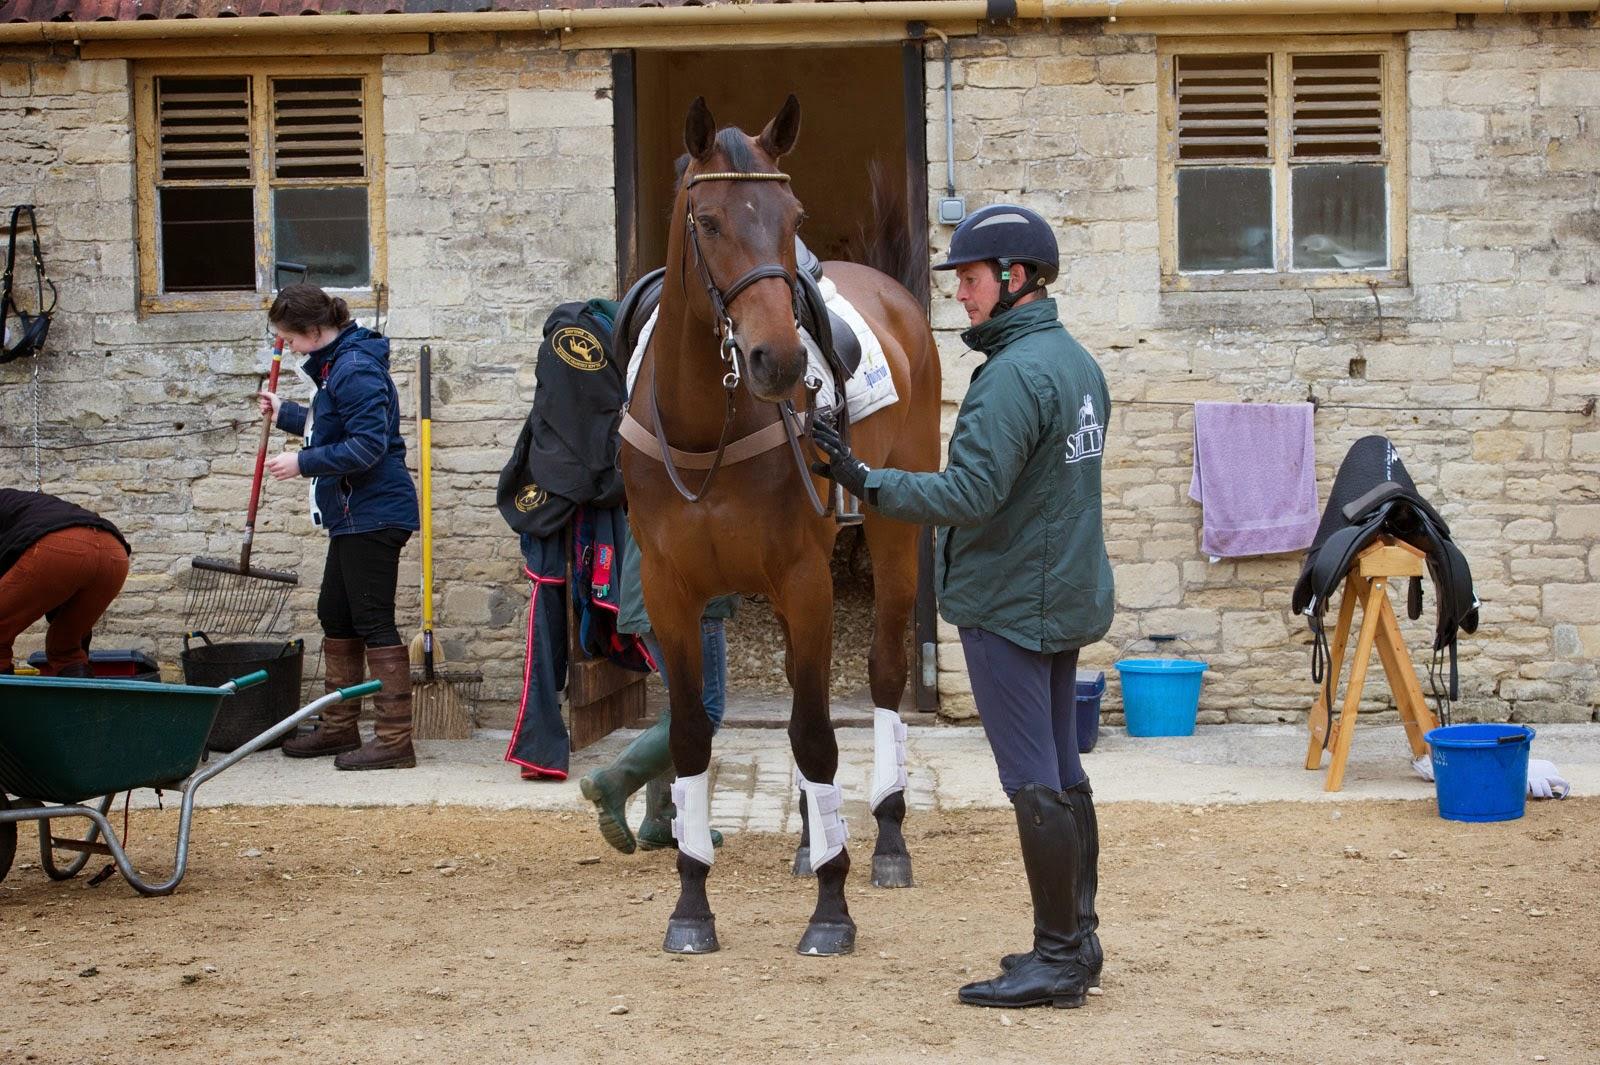 Приобретение лошади. Коротко о главном - фото badminton-horse_co_uk, главная Содержание лошади Тренинг , конный журнал EquiLIfe